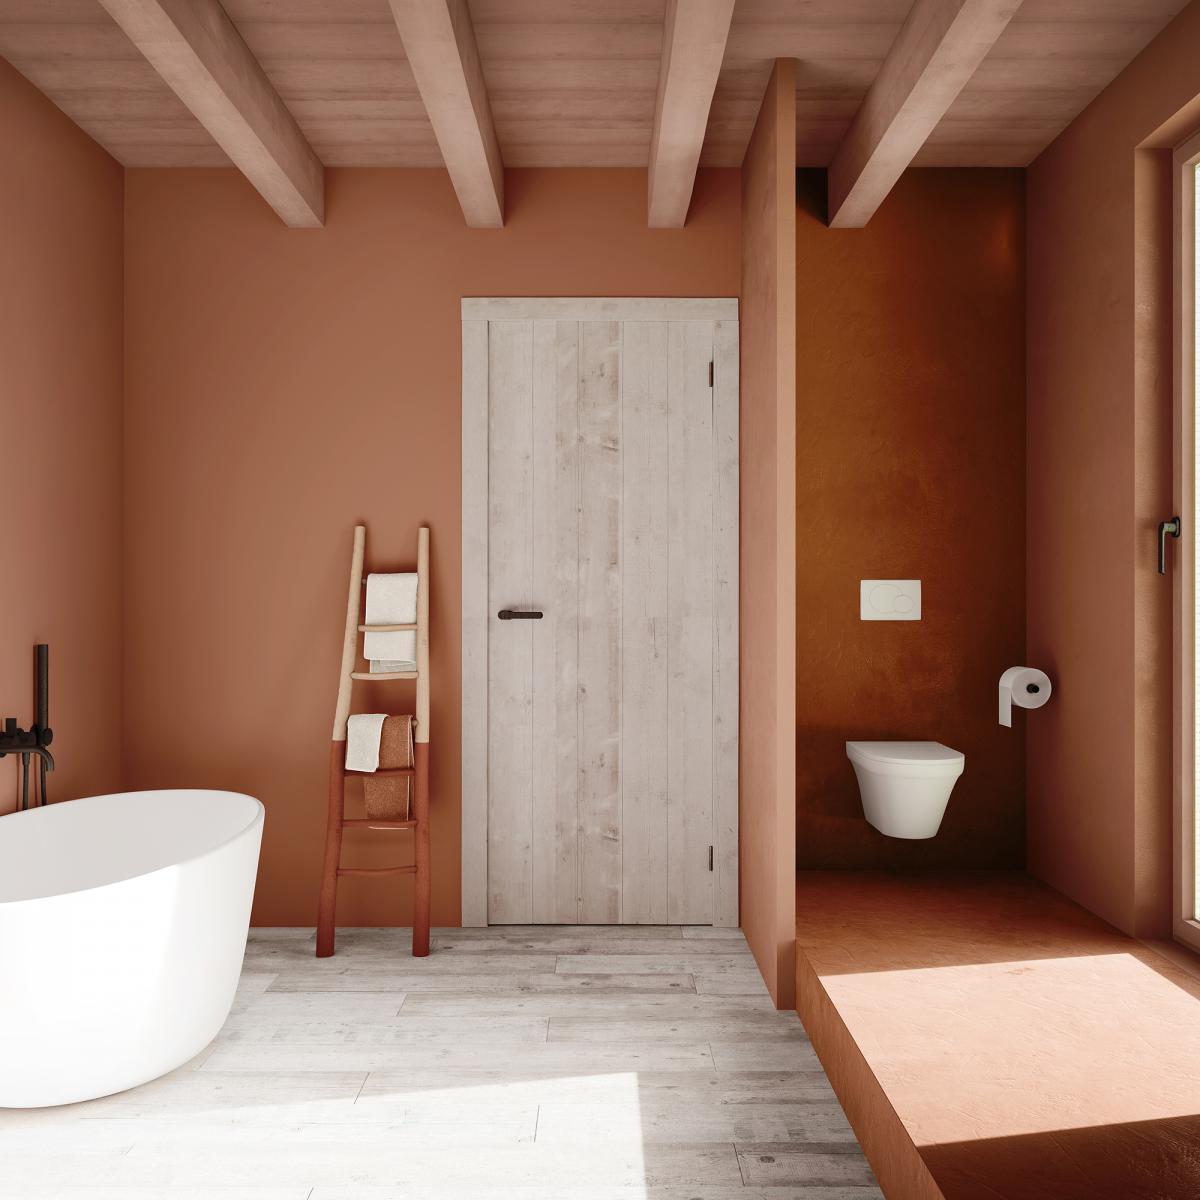 Créer une salle de bain intime avec des couleurs chaudes